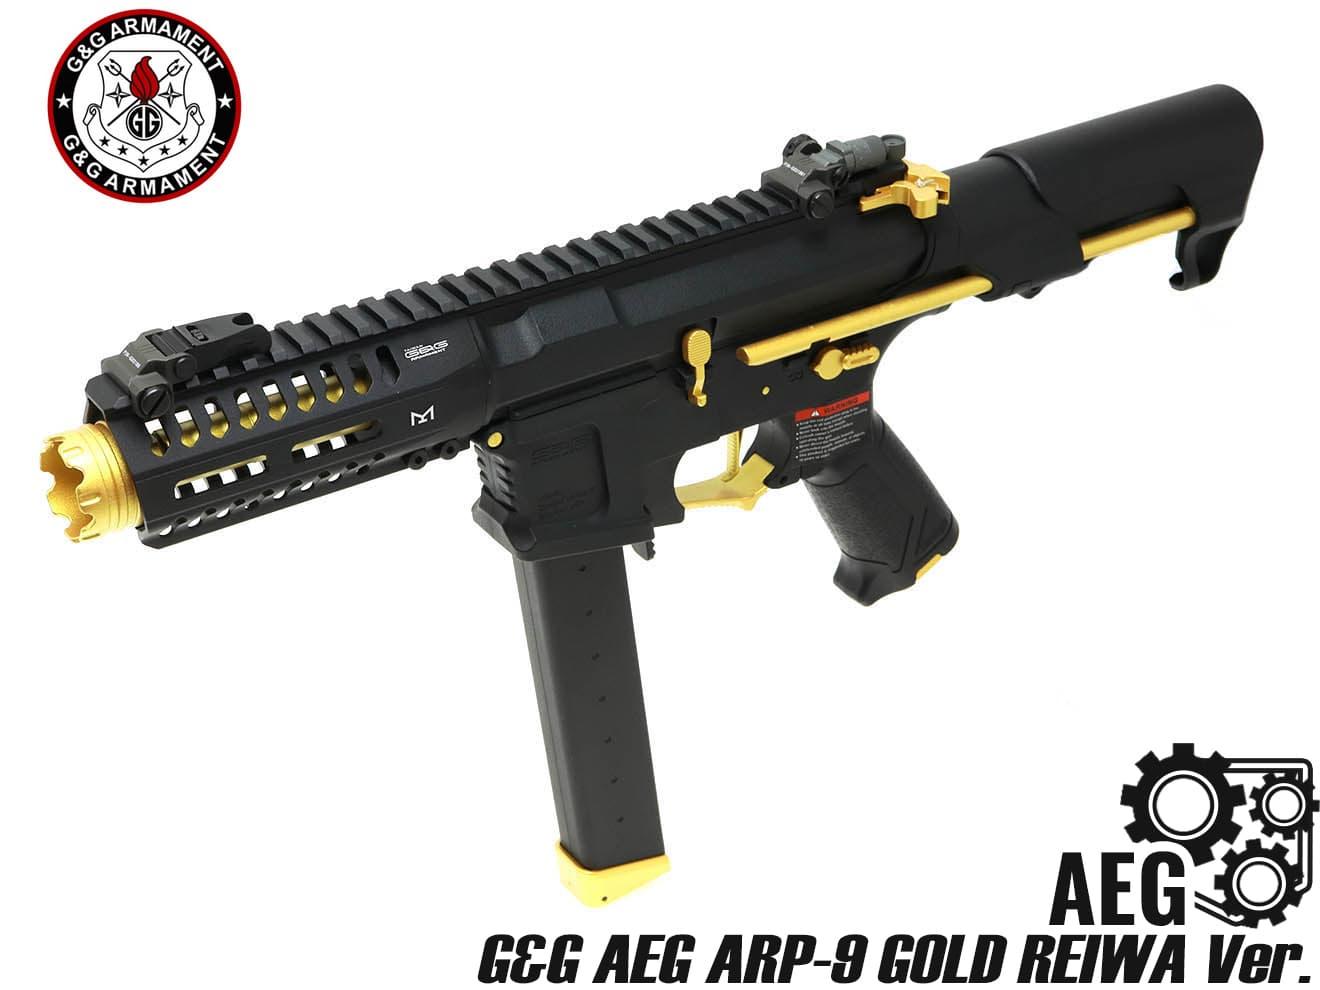 G&G 電動ガン ARP-9 GOLD REIWA Ver.◆送料無料/生産限定品/300丁/ハイレスポンス/AEG/シリアルナンバー/令和/海外製